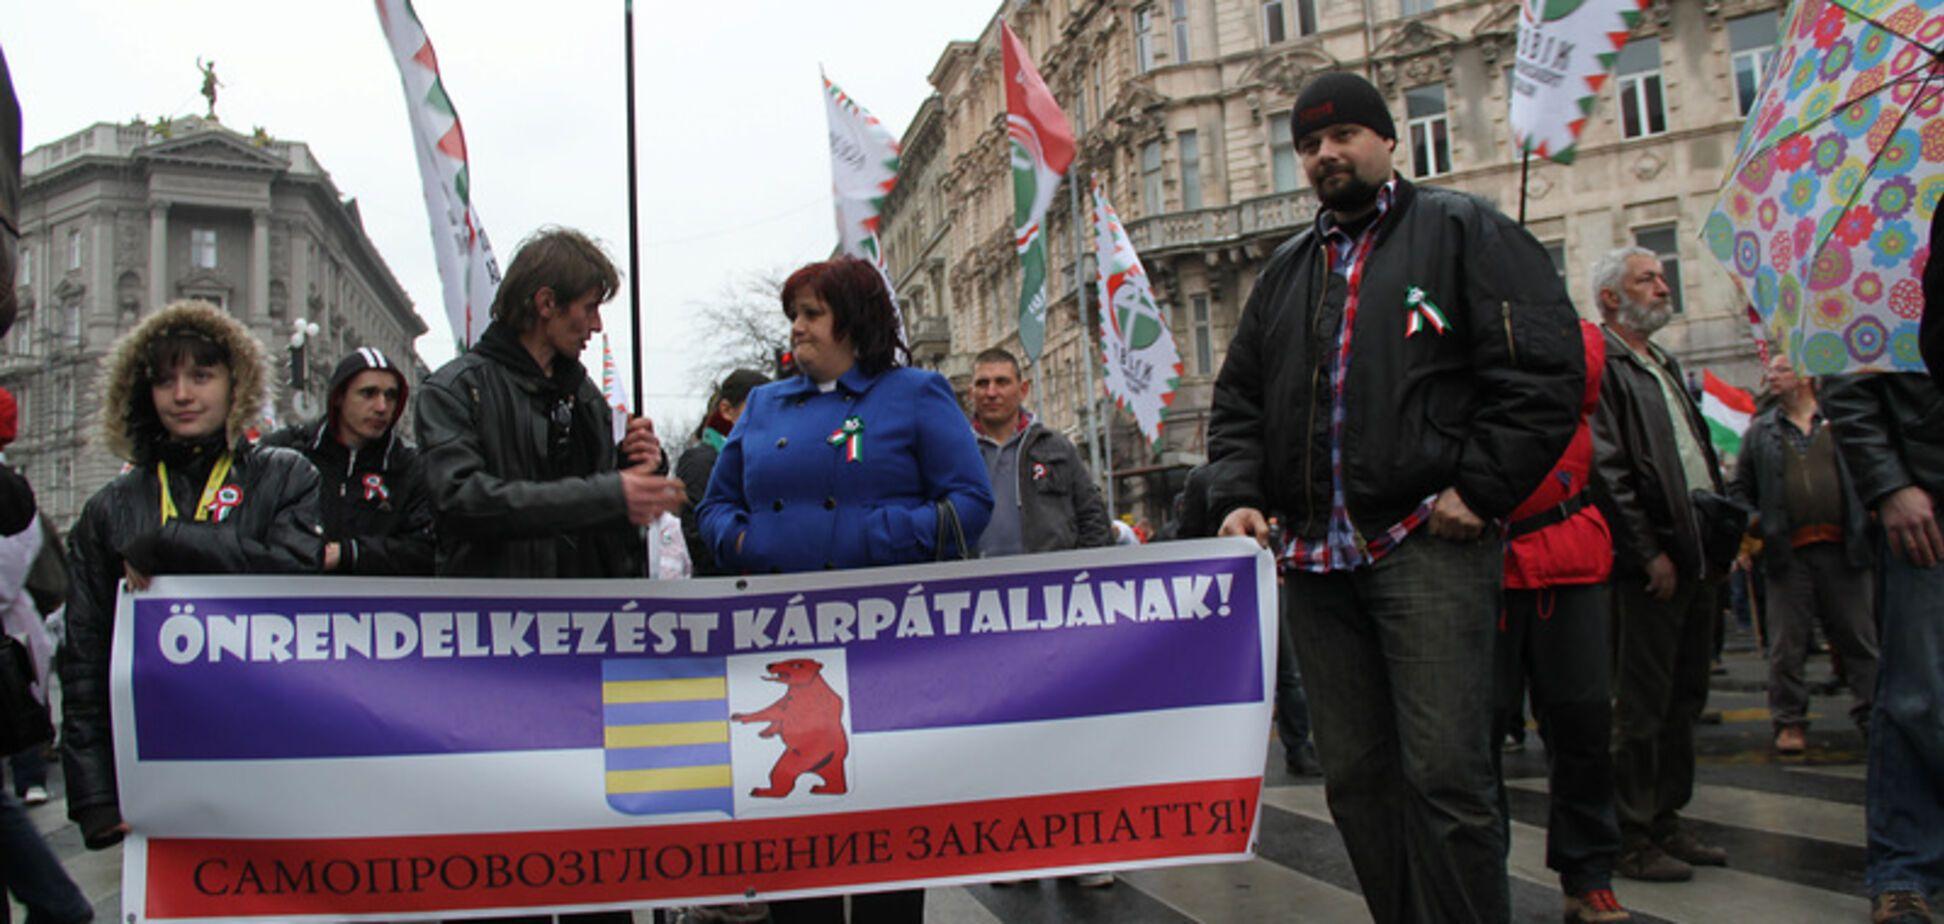 Как венгерские националисты мечтают о 'большой Венгрии'